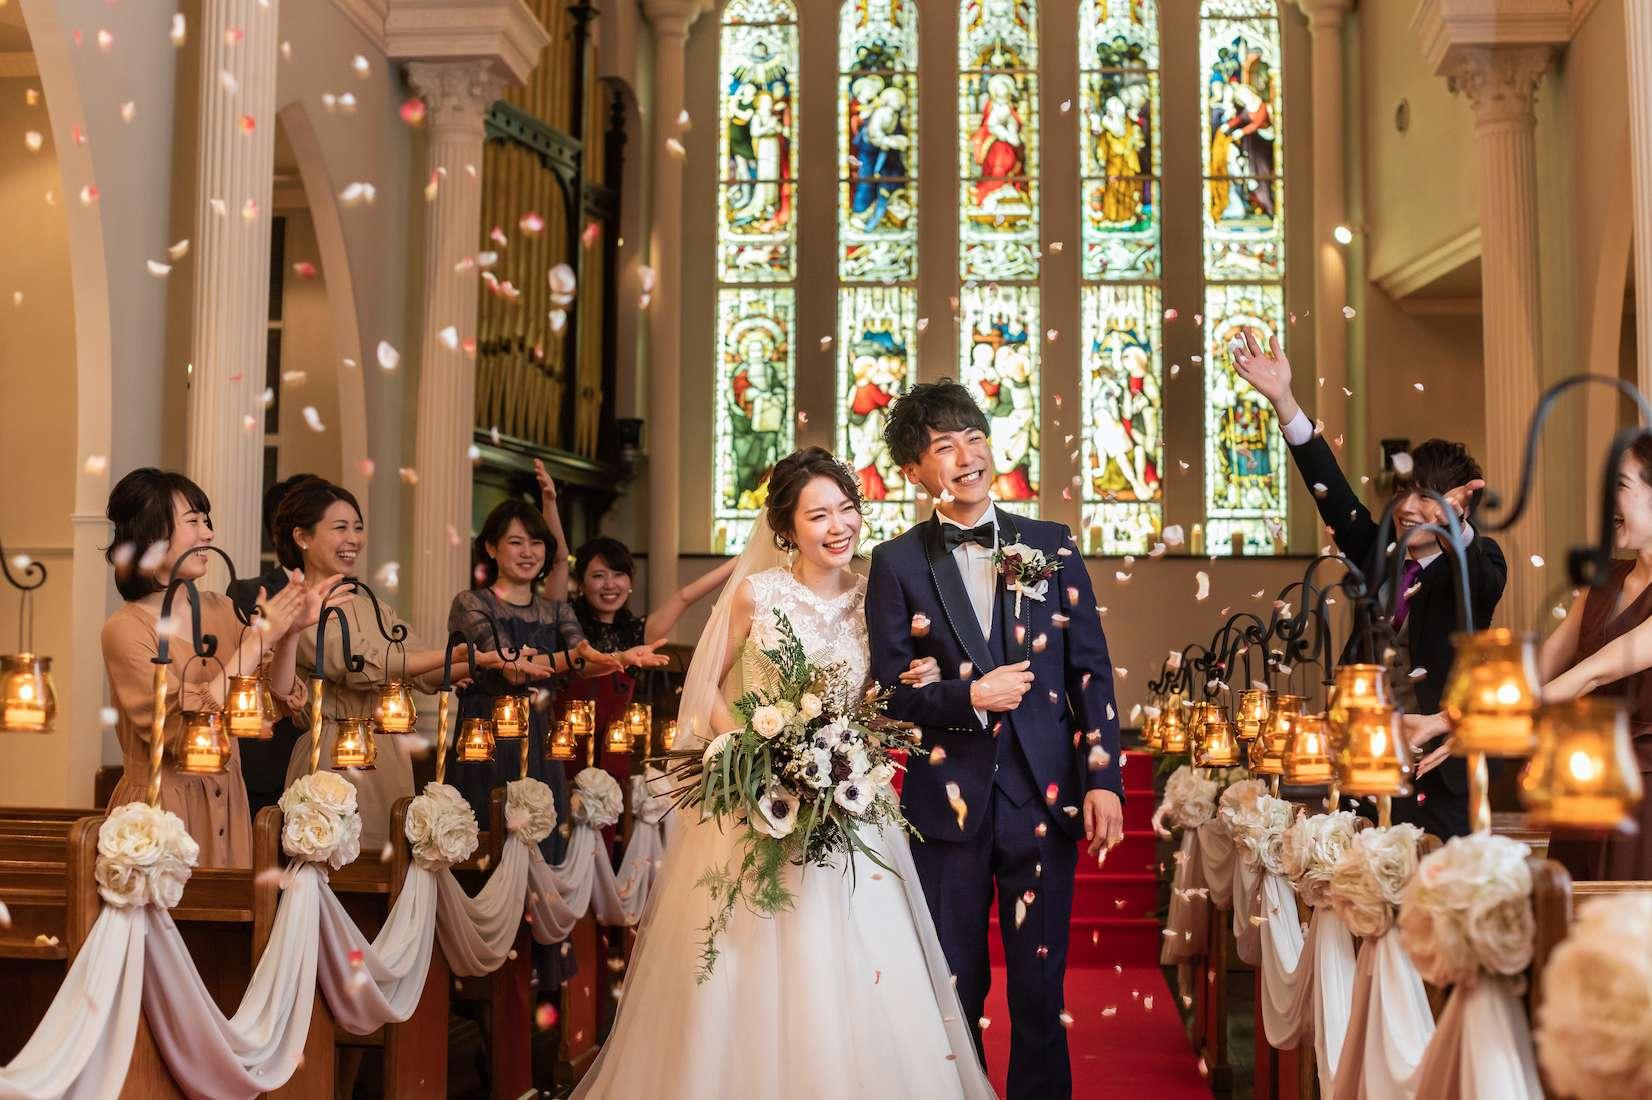 大阪セントバース教会 結婚式